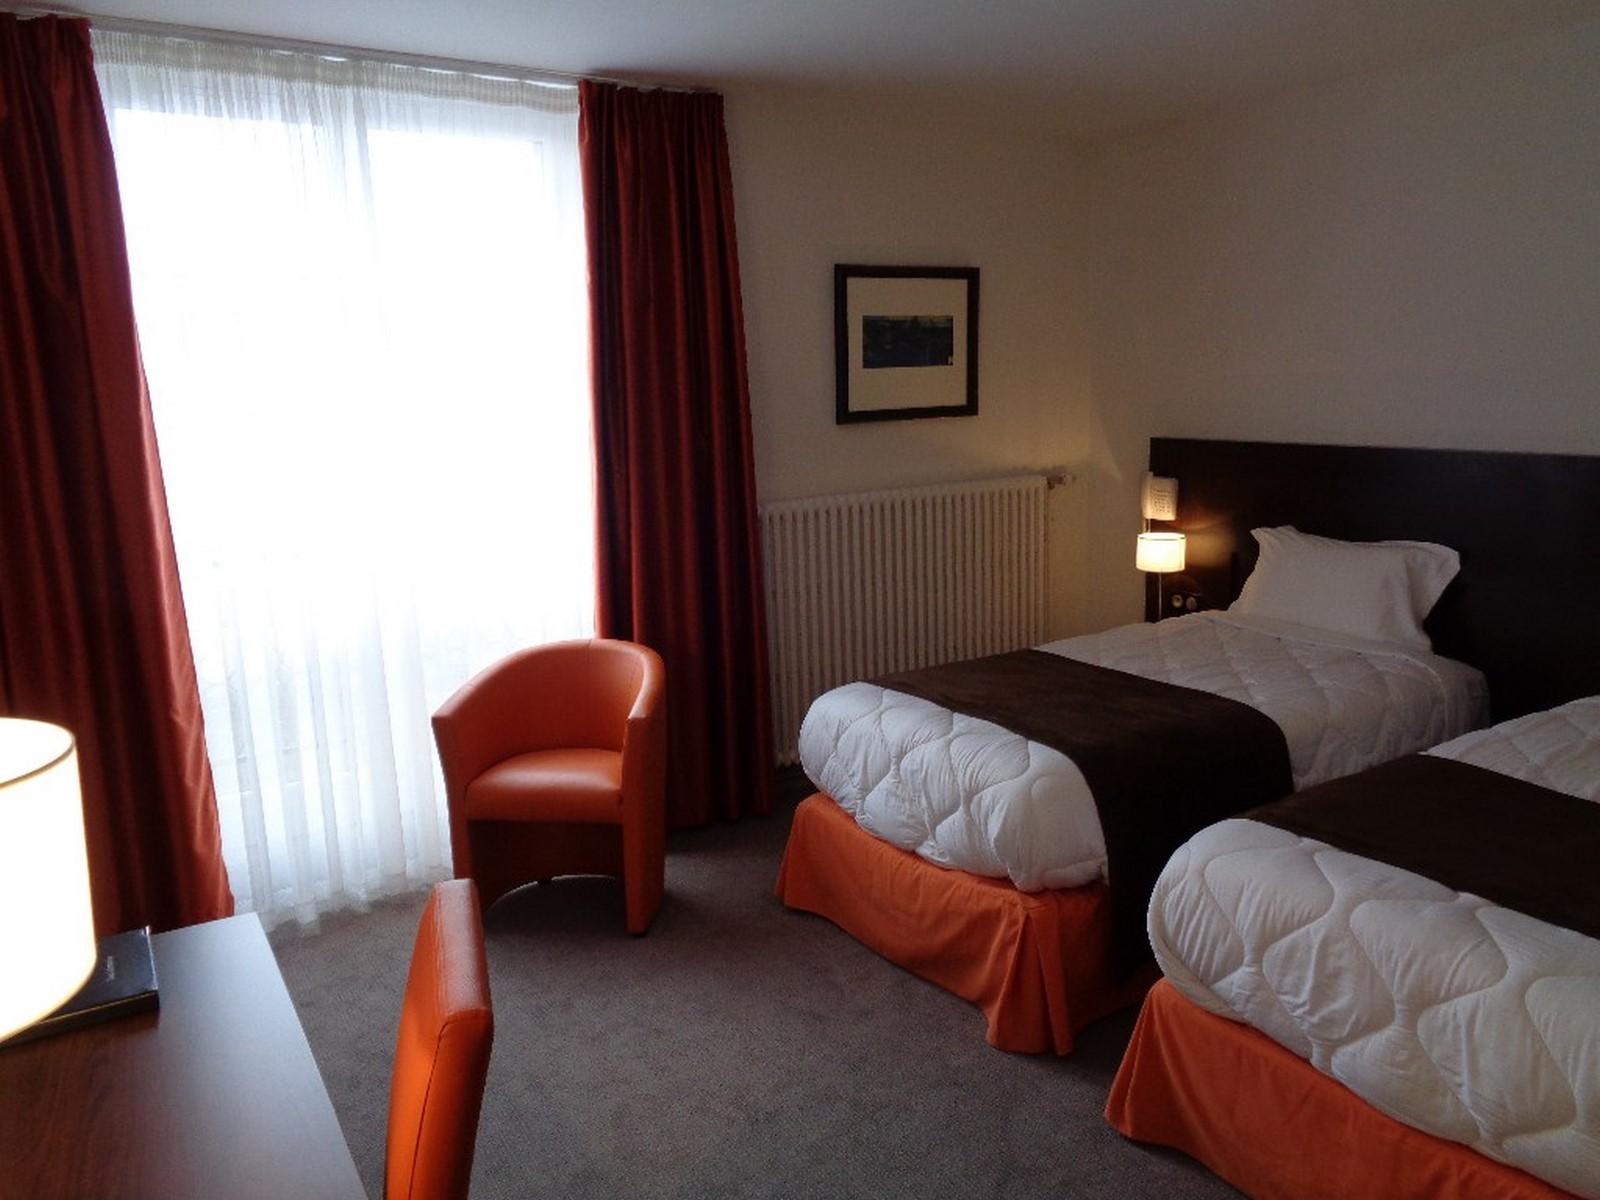 Chambre twin pour 2 personnes l 39 h tel de montaulbain for Chambre de hotel